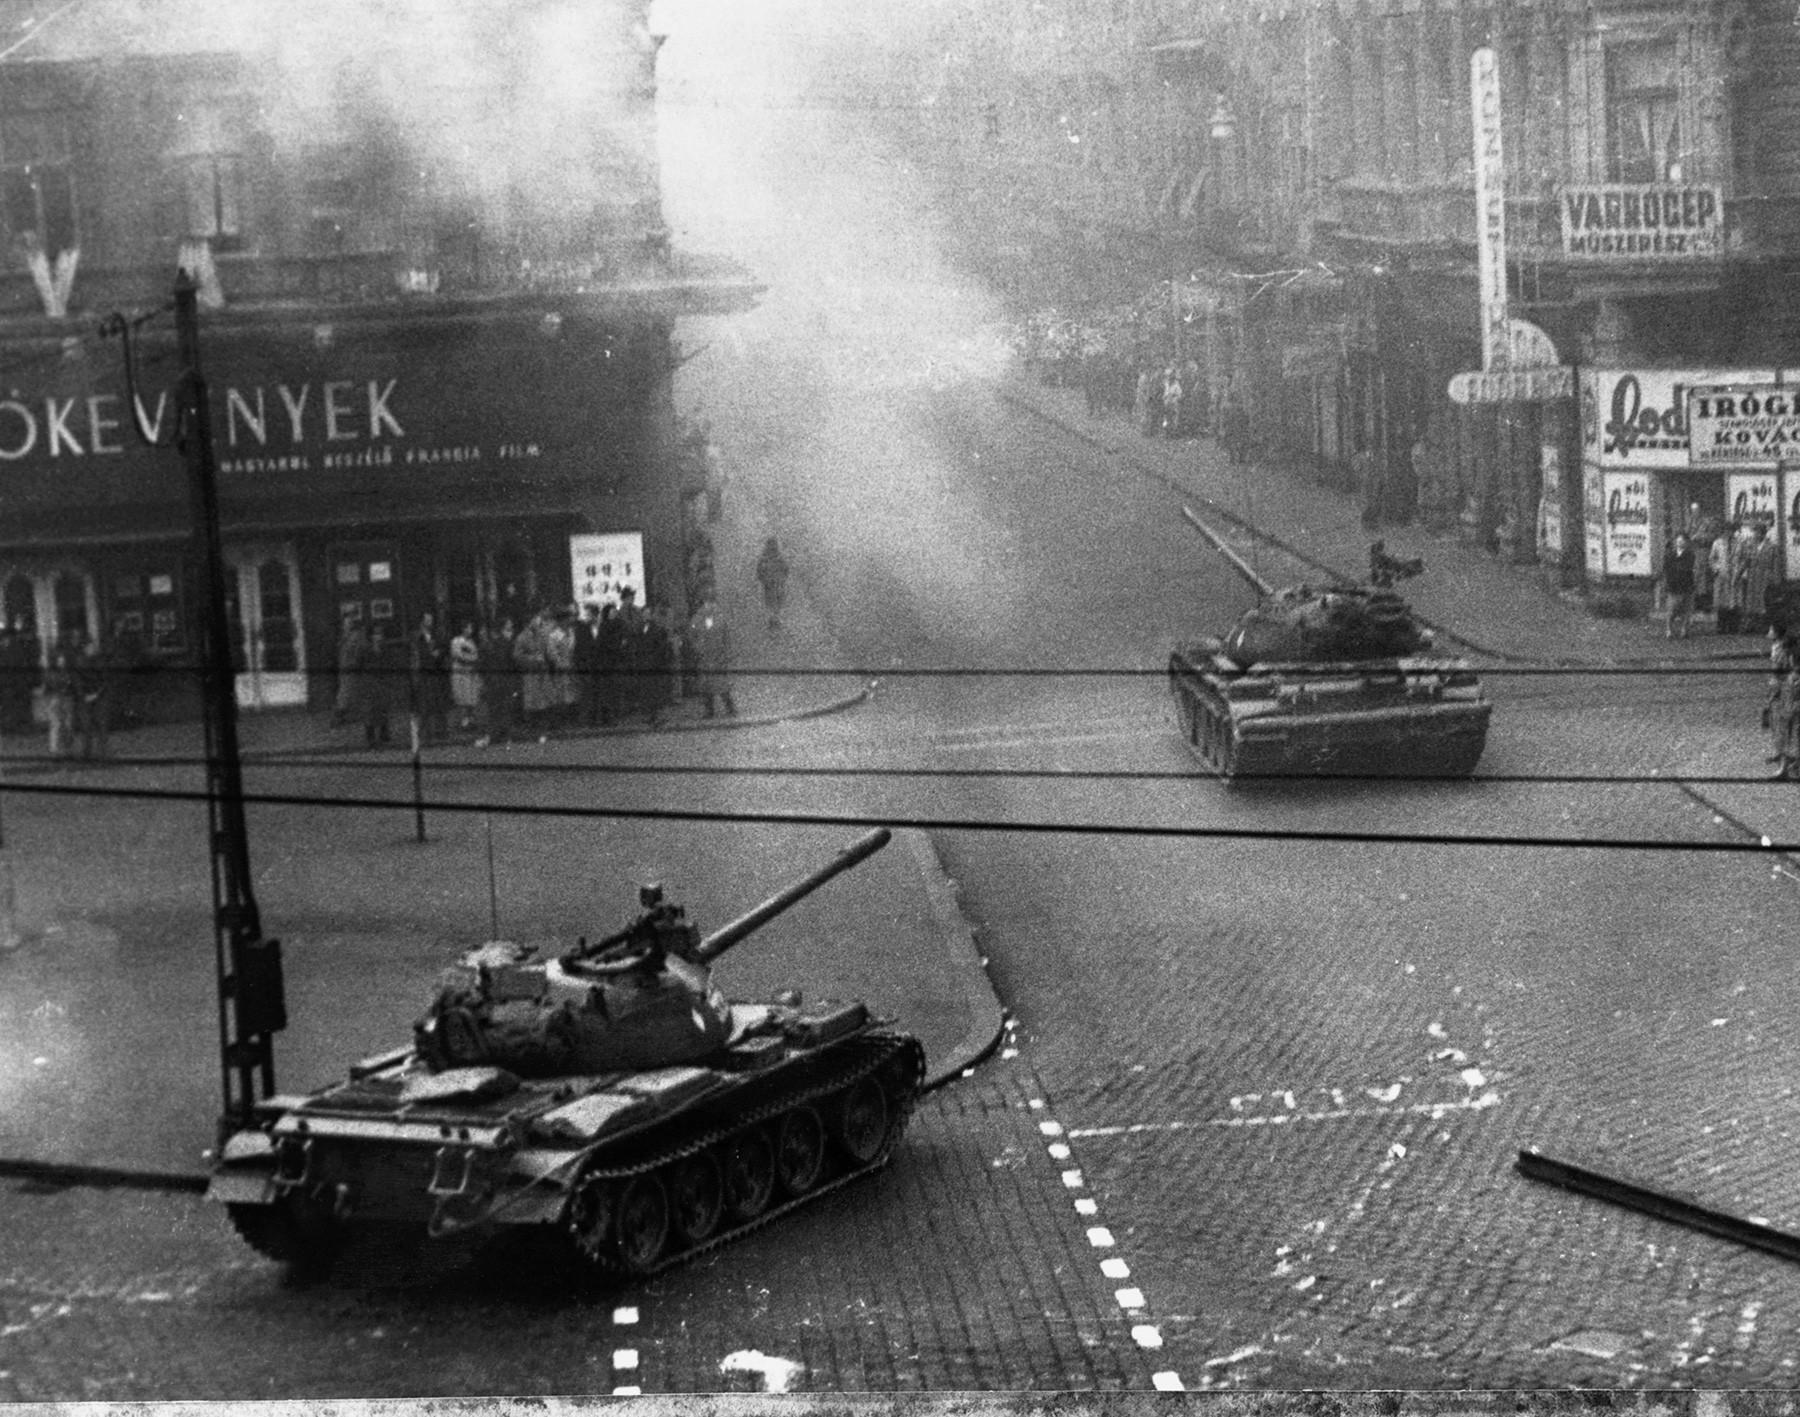 ソ連の戦車がブダペストの道を走っている。